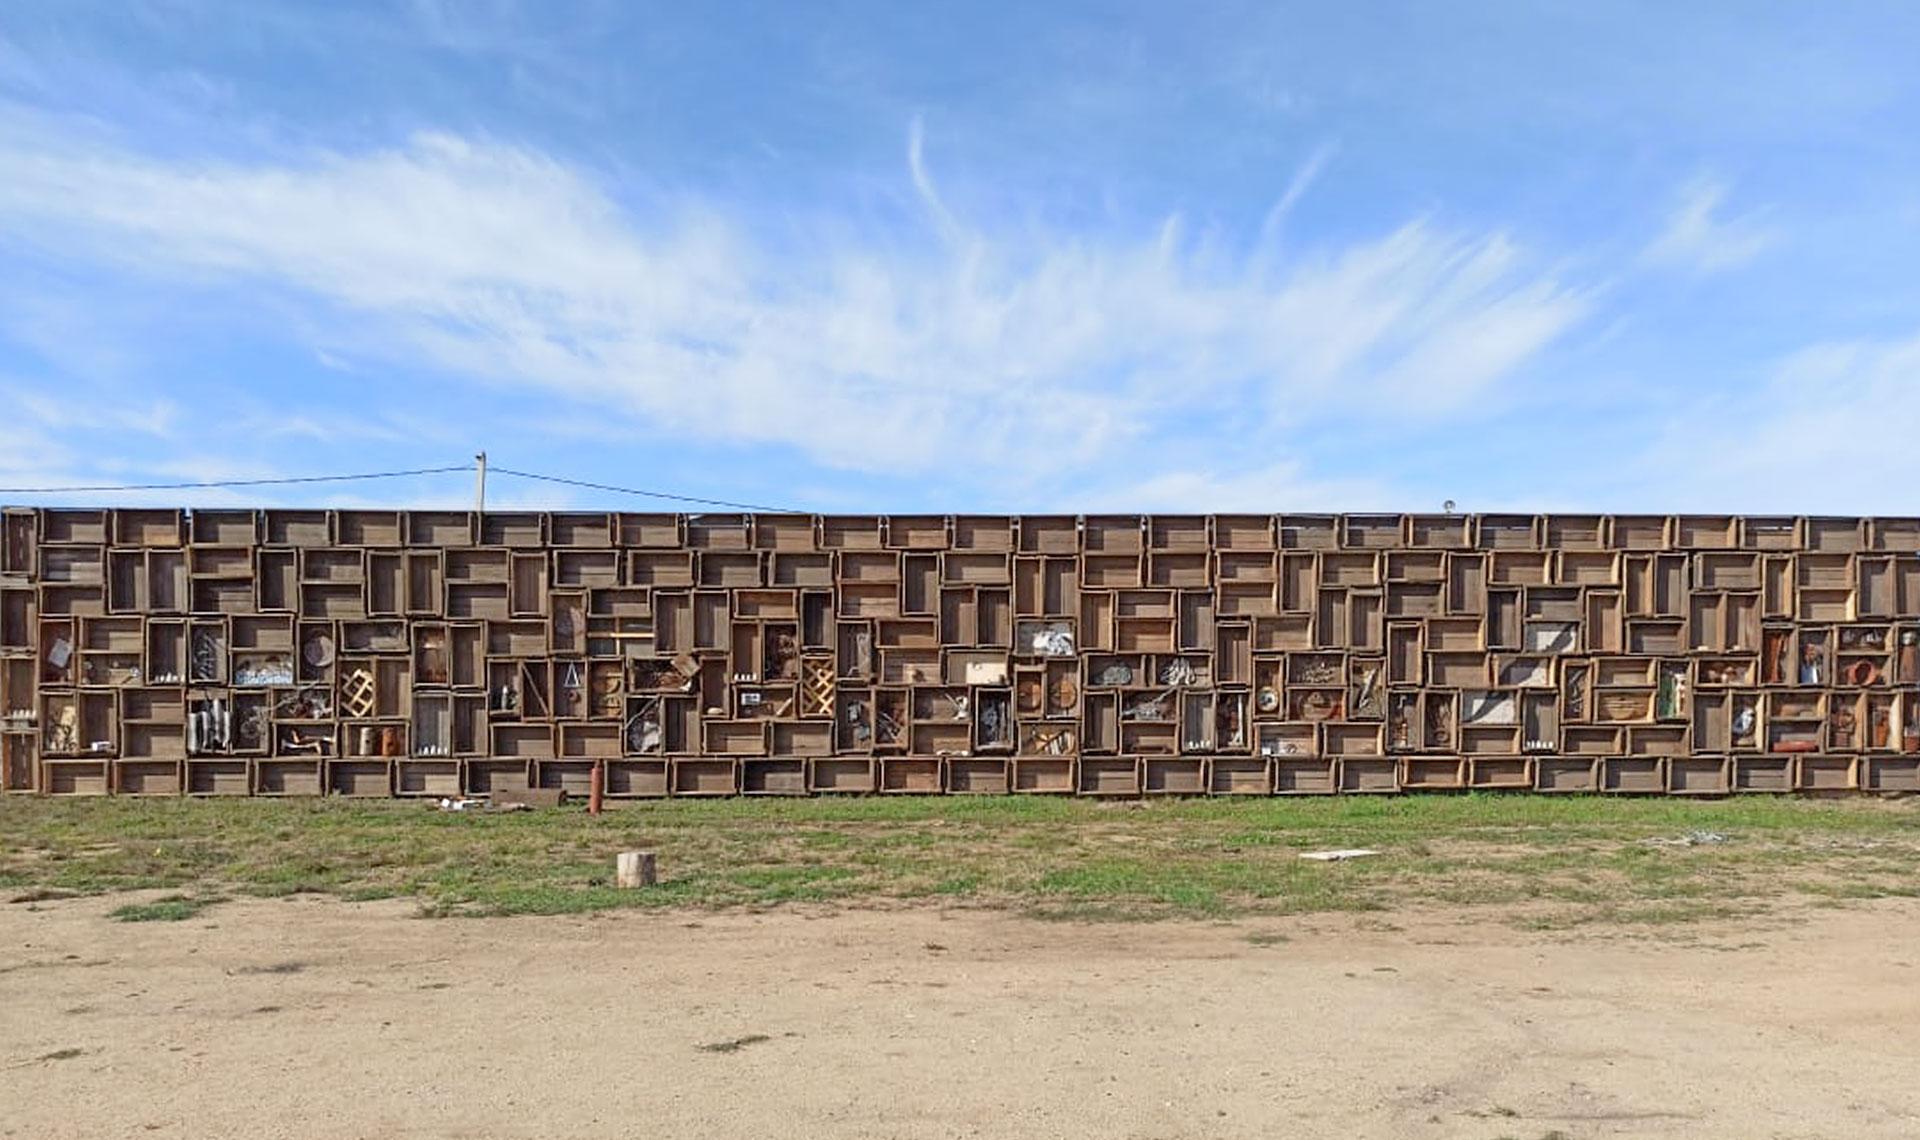 АРХИWOOD 2020: сожженный мост, стена-музей, ротонда в Выксе